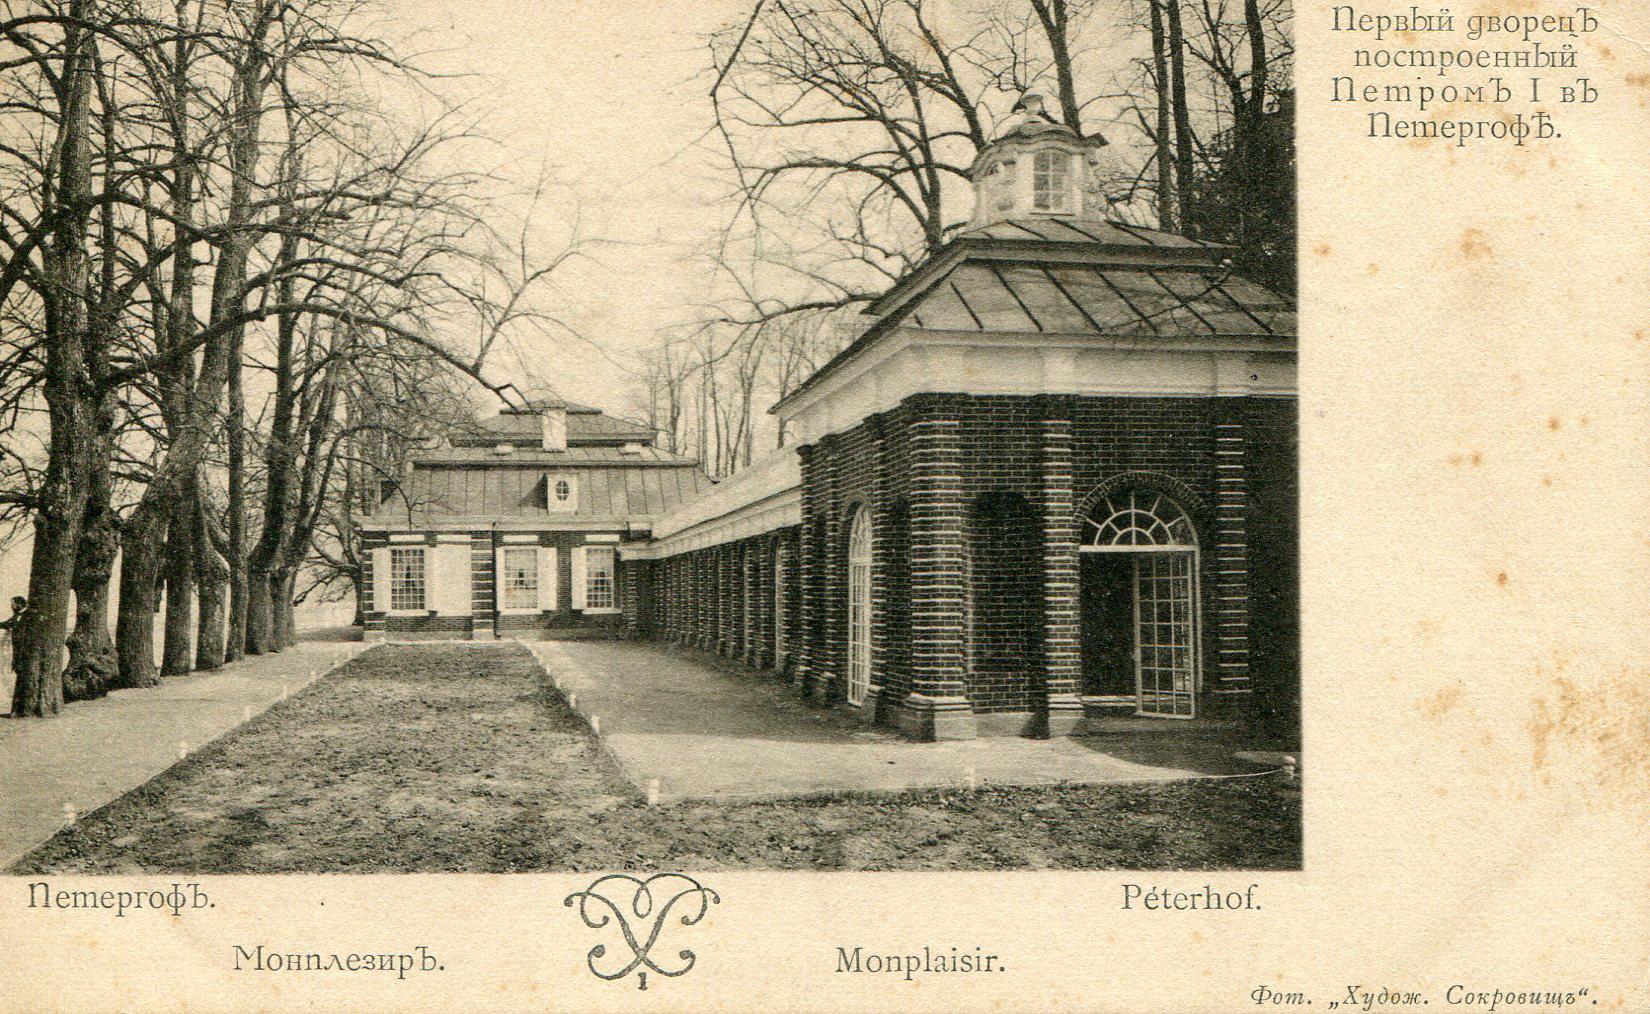 Сад «Монплезир». Первый дворец, построенный Петром I в Петергофе